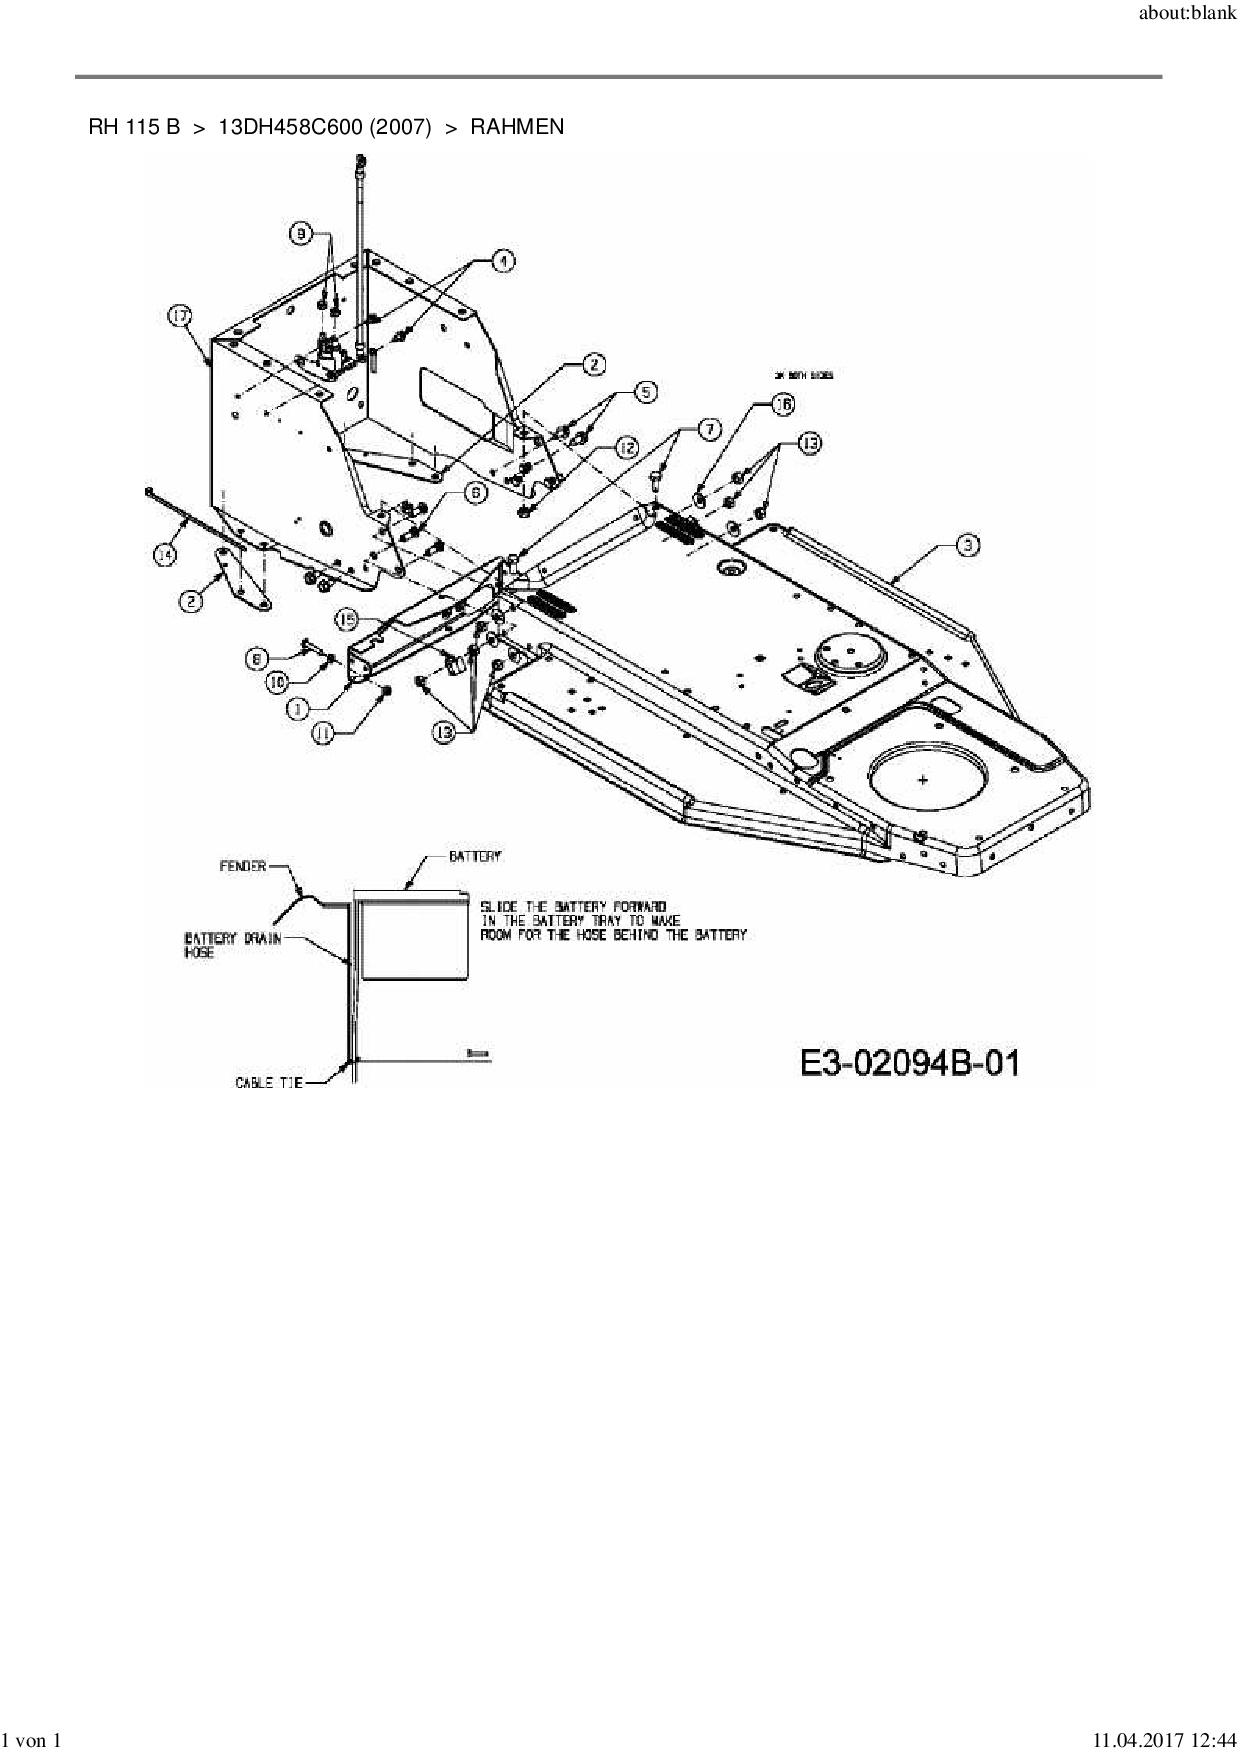 Ersatzteile von MTD Rasentraktor RH 115 B aus der Zeichnung Rahmen